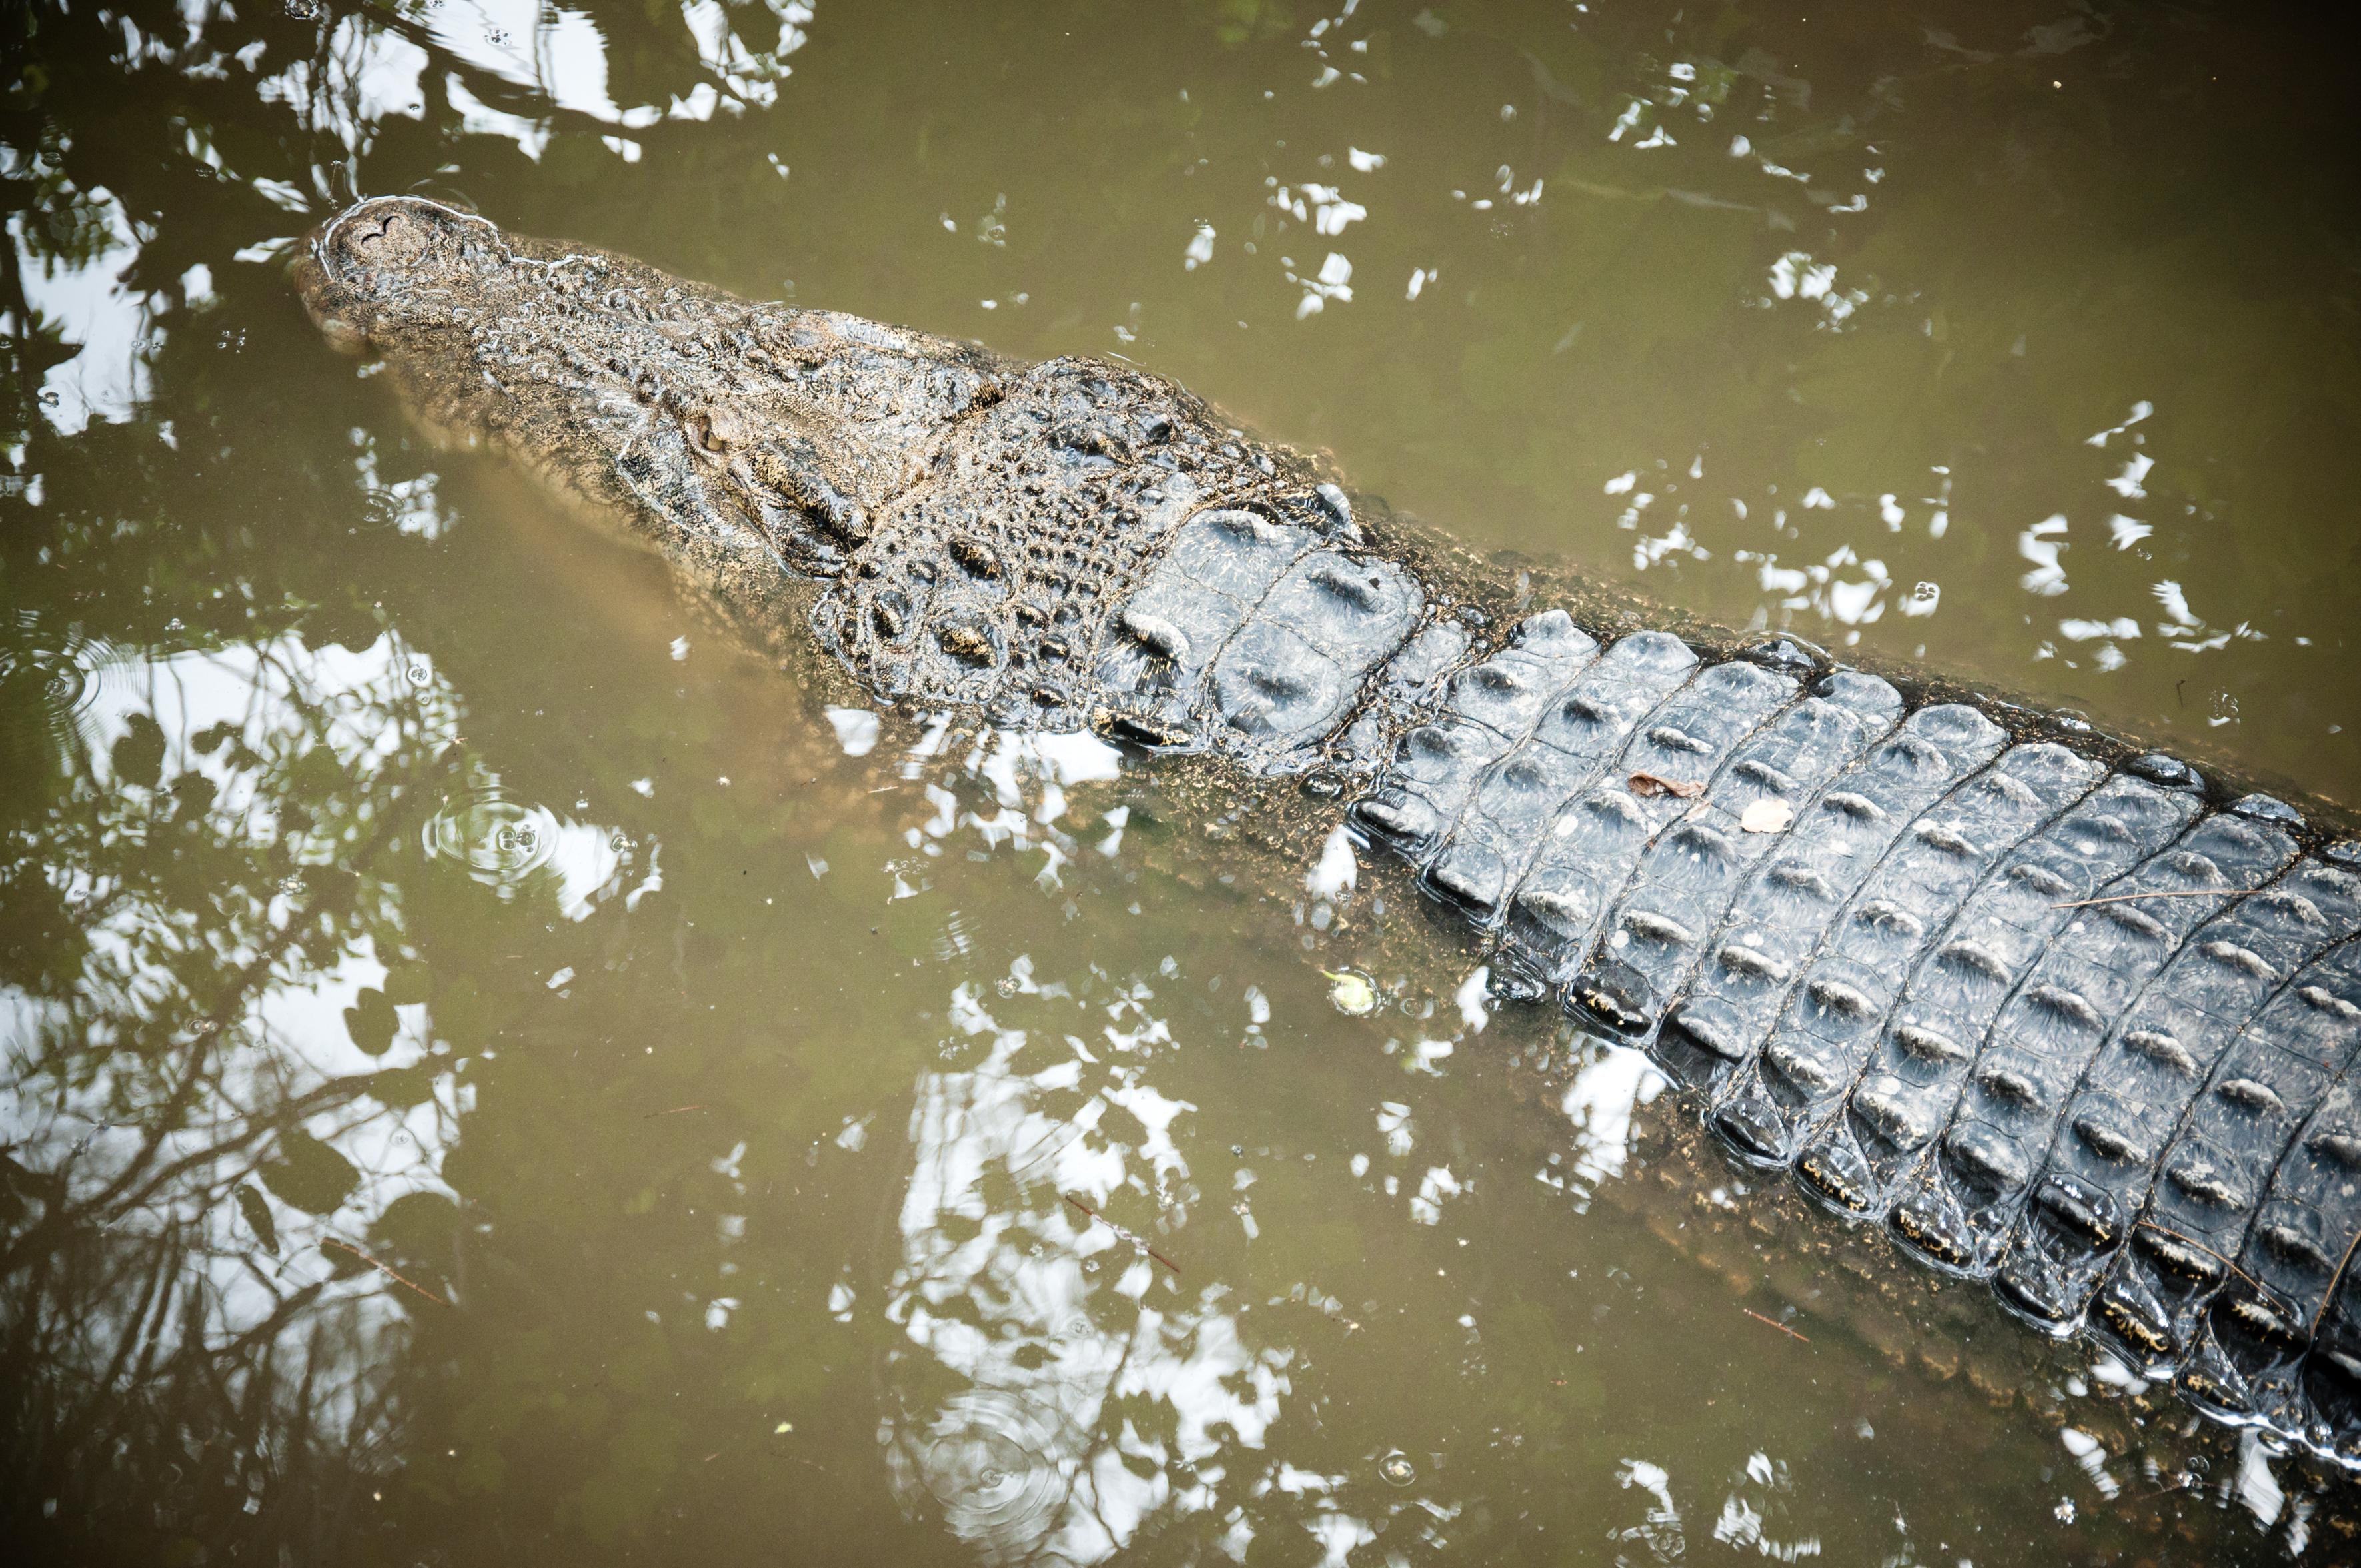 Crocodile, Aggression, Scales, Portrait, Power, HQ Photo